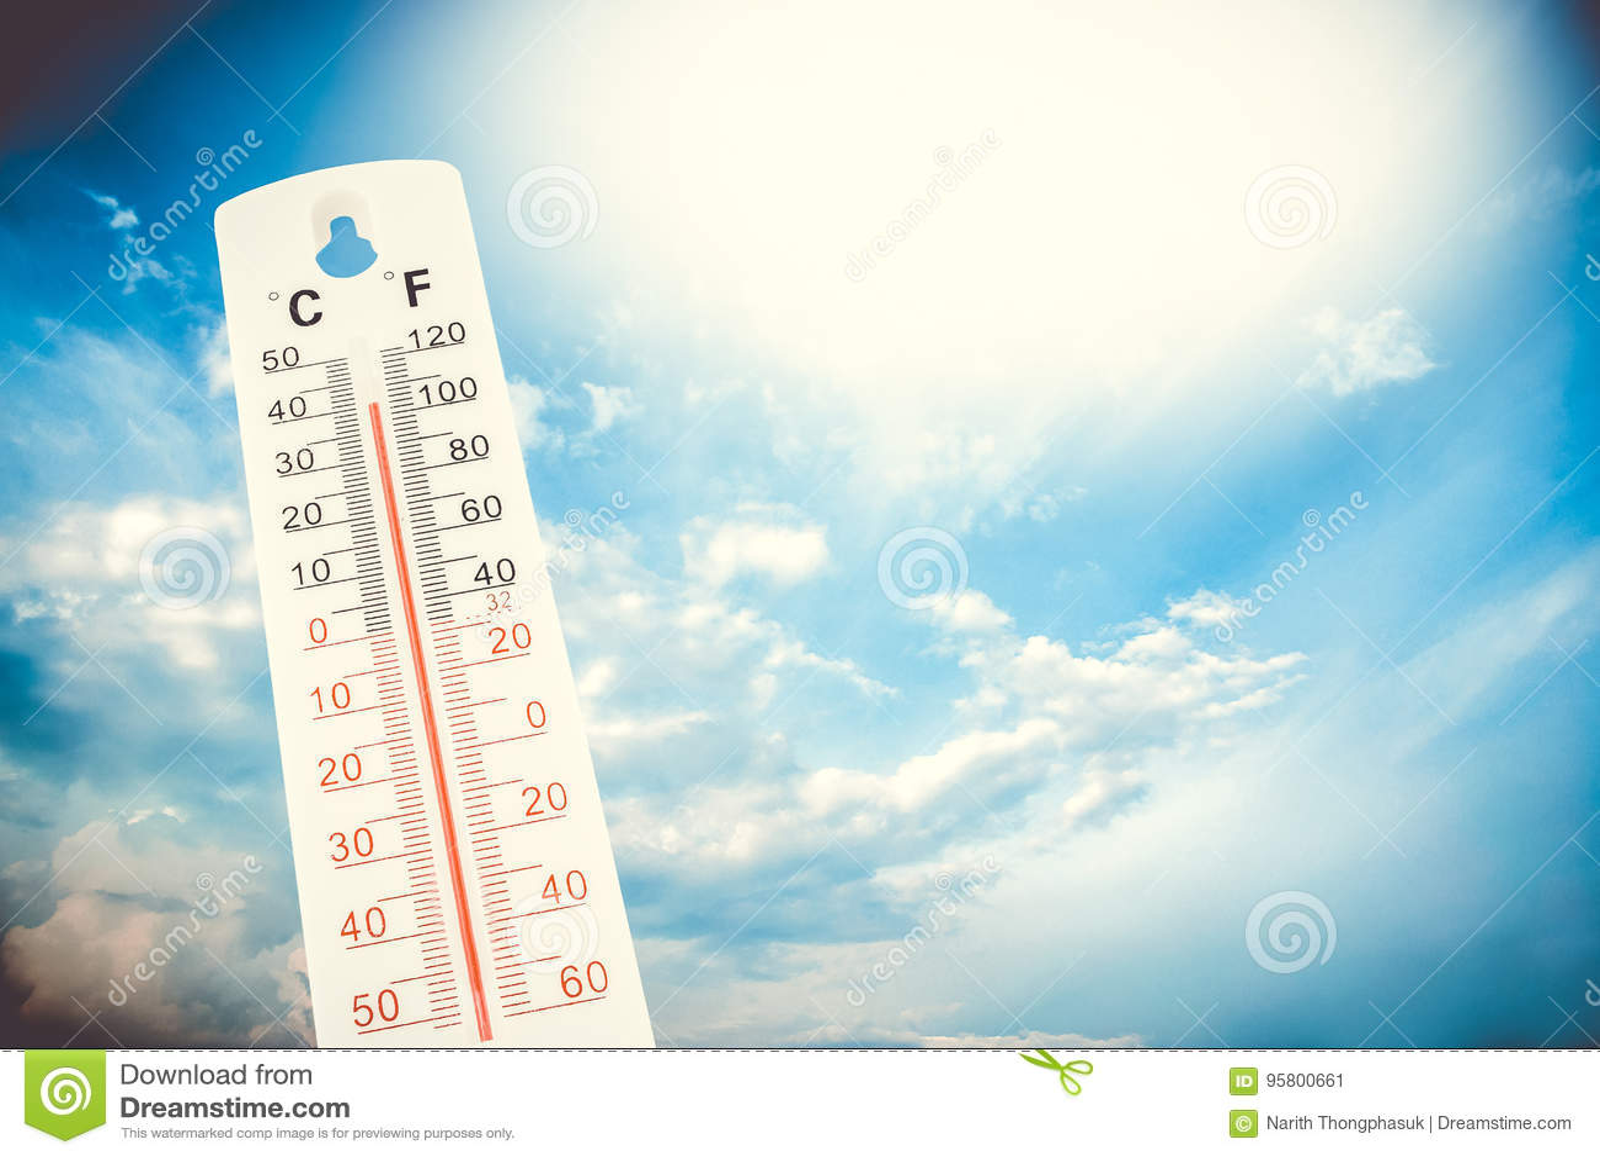 La température tropicale, mesurée sur un thermomètre extérieur, vague de chaleur globale